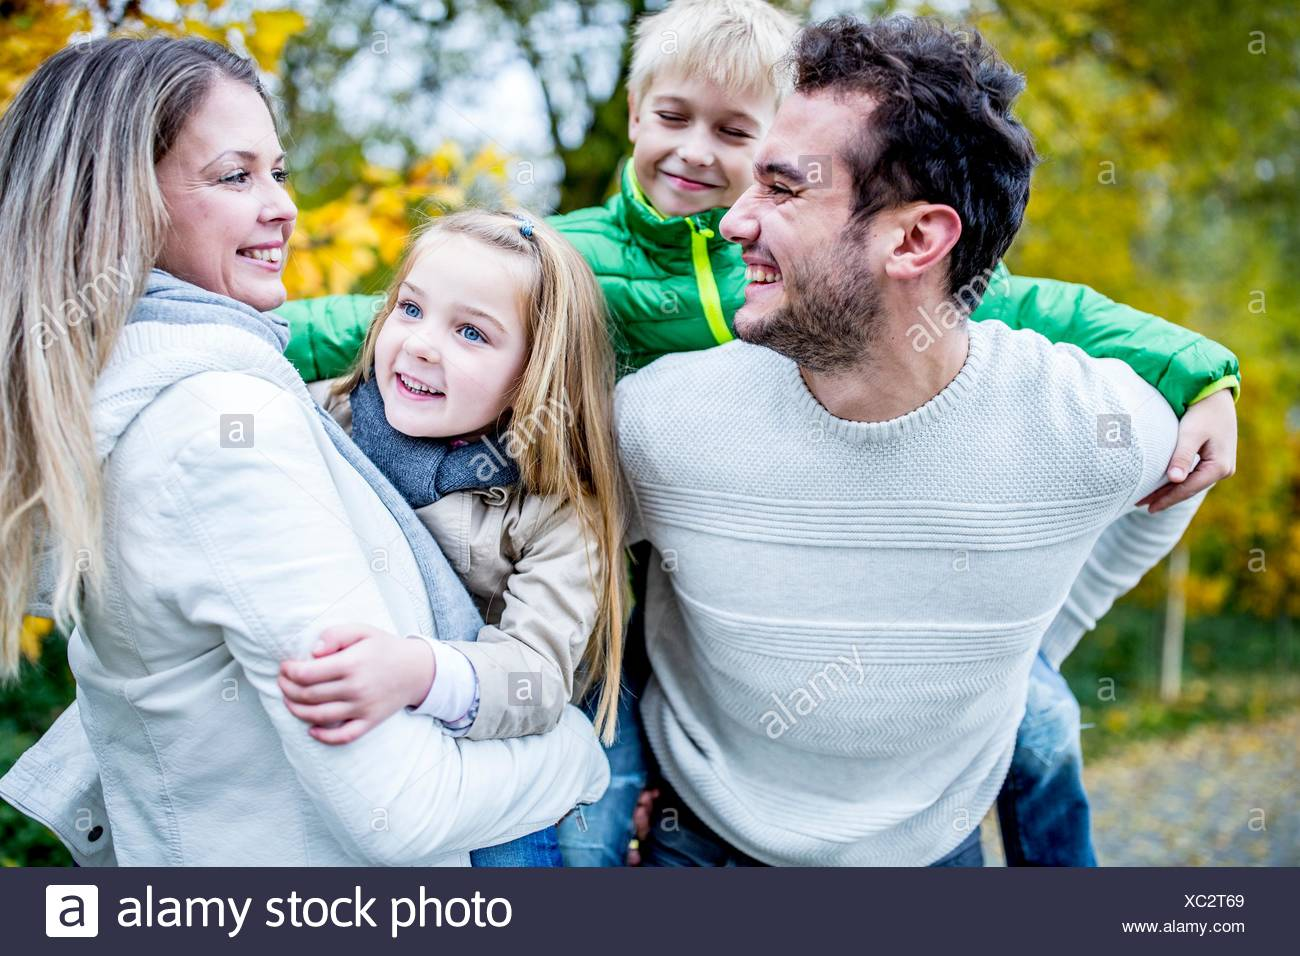 Modello rilasciato. I genitori che trasportano i loro figli in autunno, ridendo. Immagini Stock